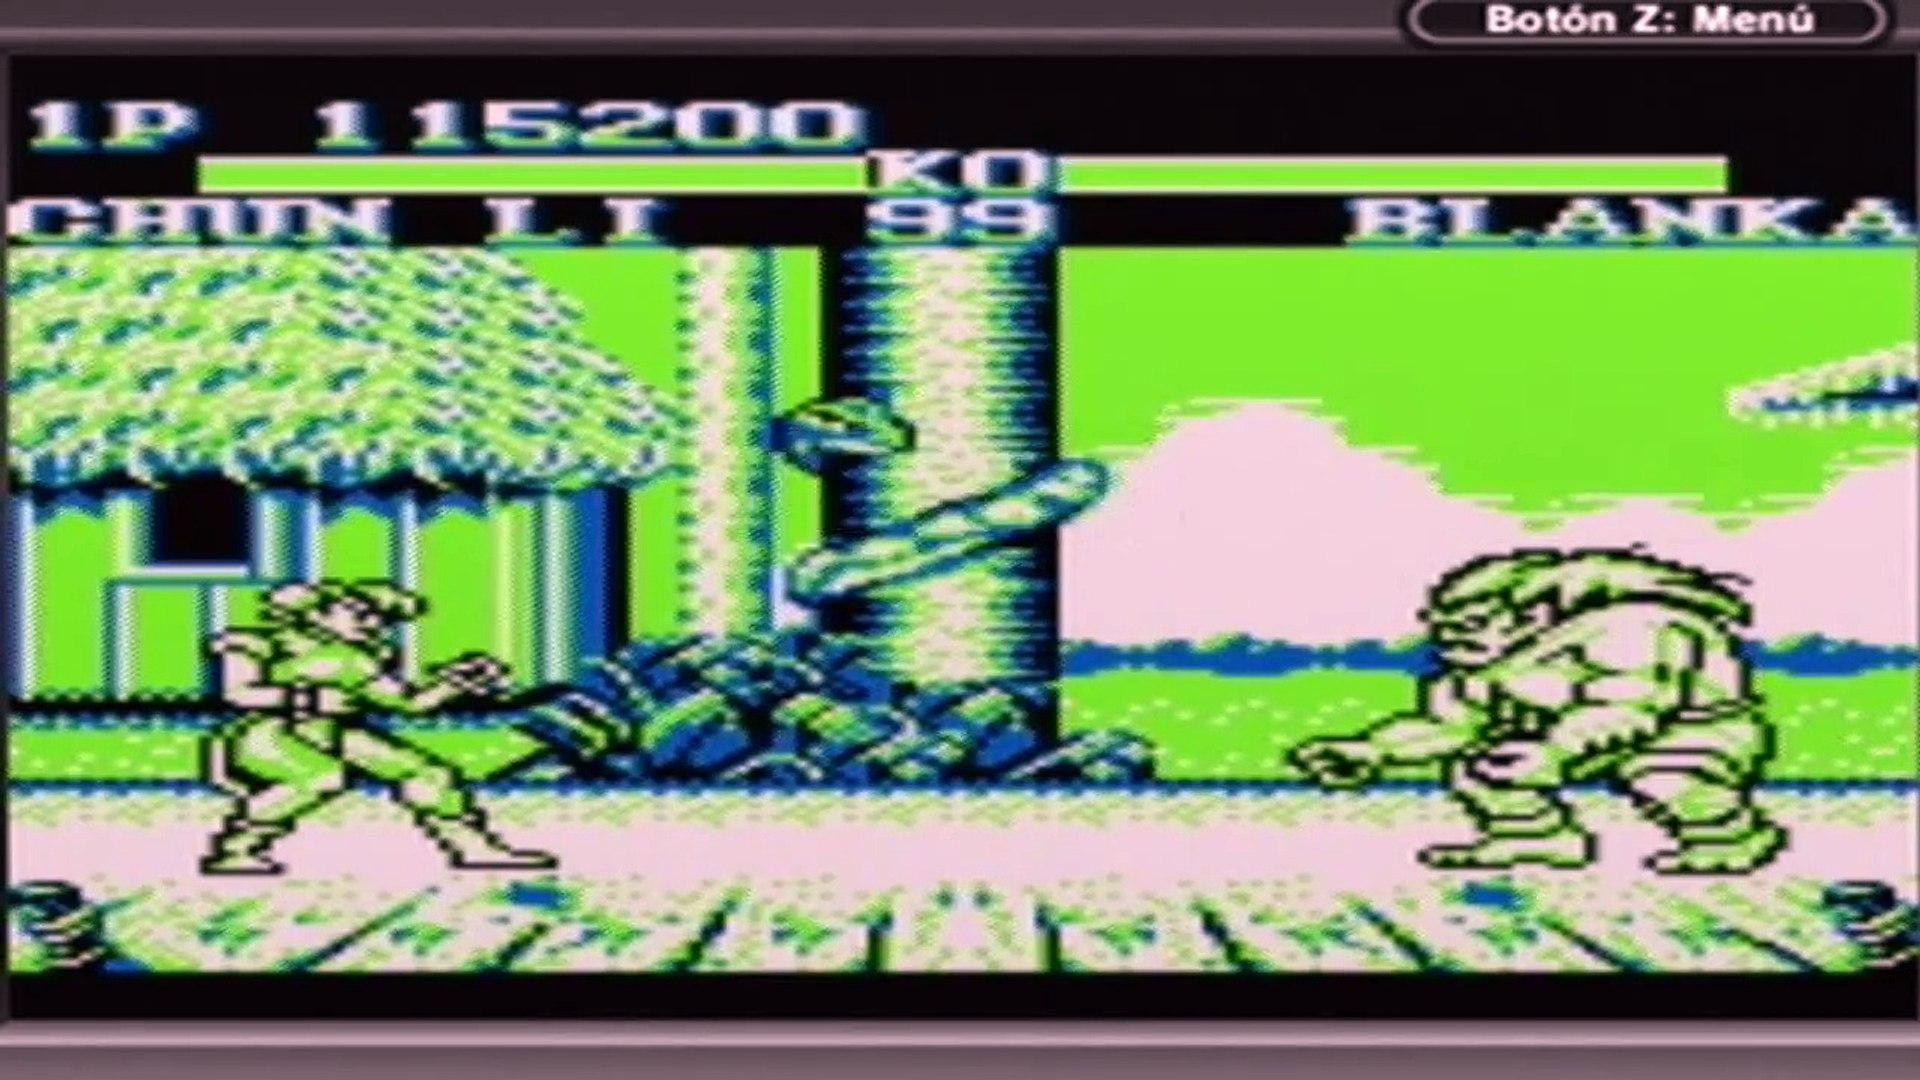 Game Boy Street Fighter Ii Chun Li